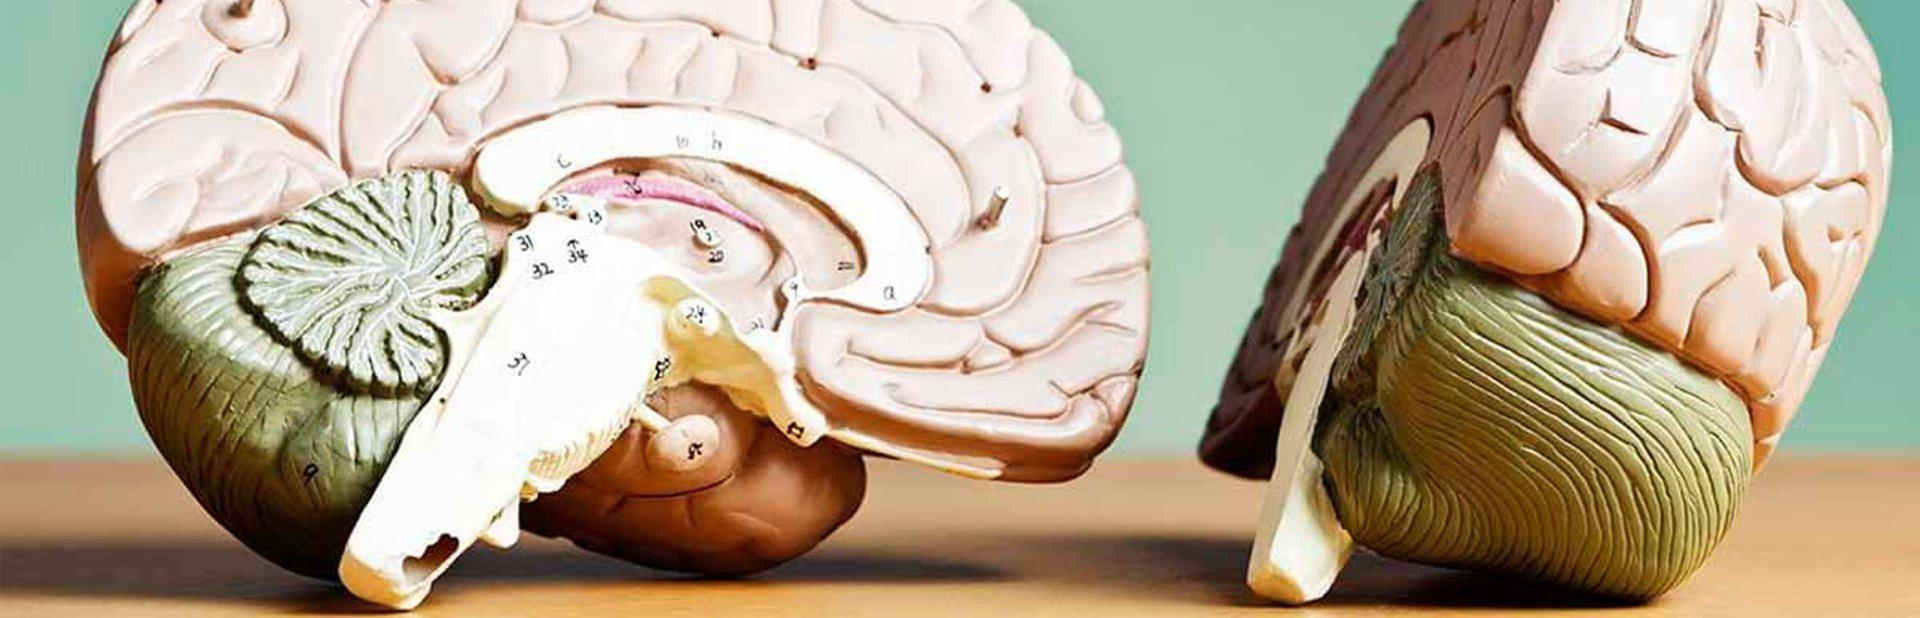 Máster Universitario en Fisioterapia Neurológica: Técnicas de Valoración y Tratamiento